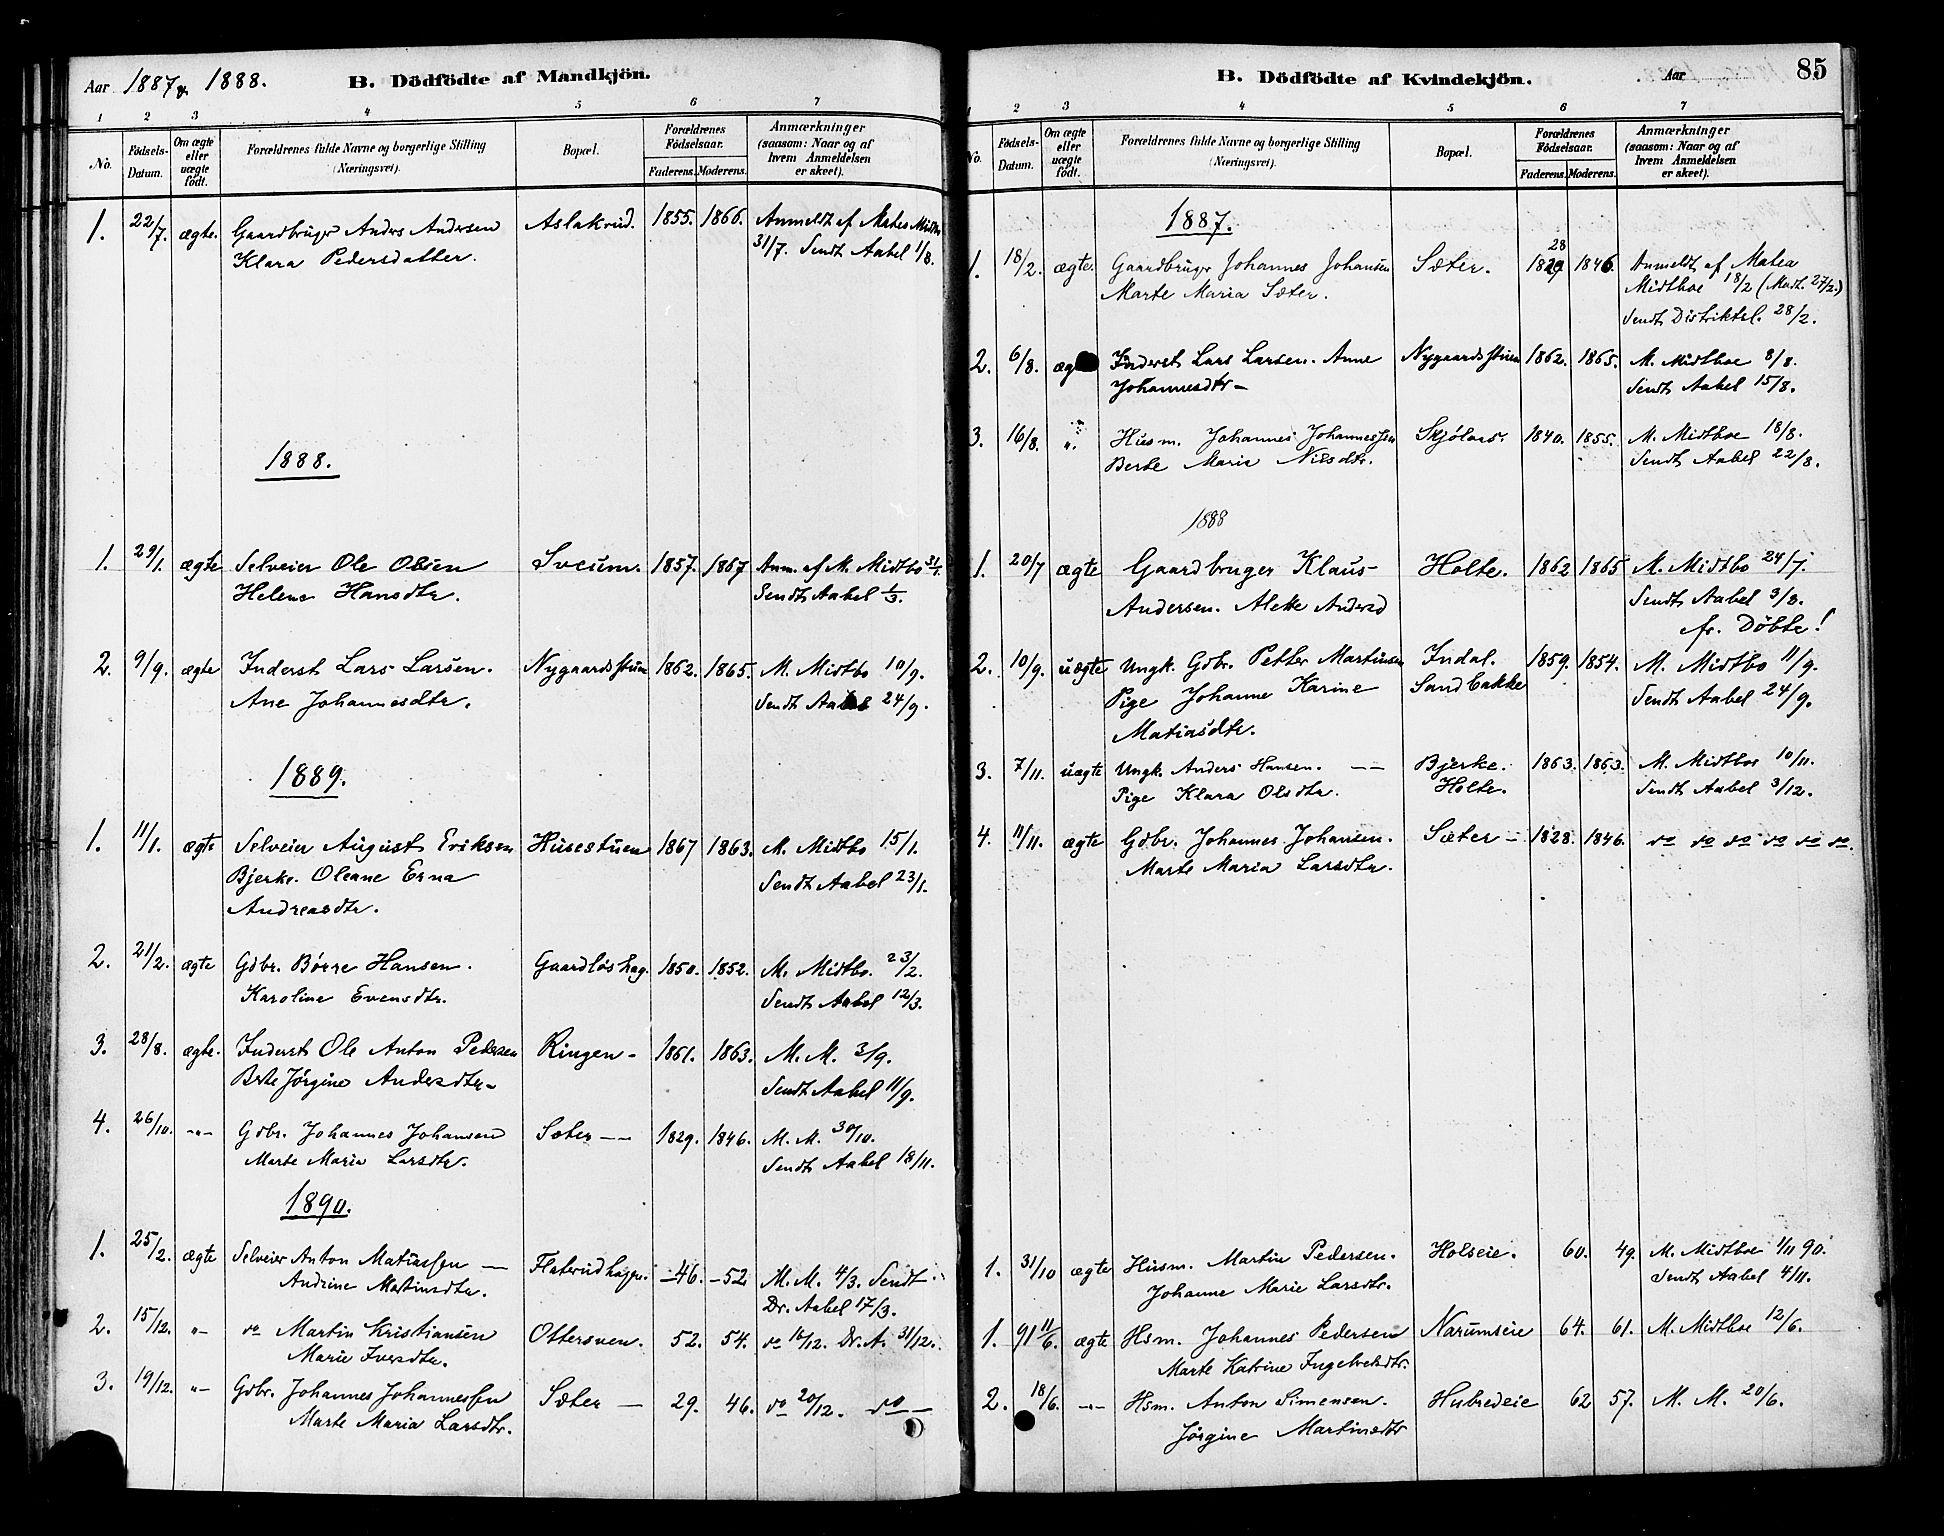 SAH, Vestre Toten prestekontor, Ministerialbok nr. 10, 1878-1894, s. 85